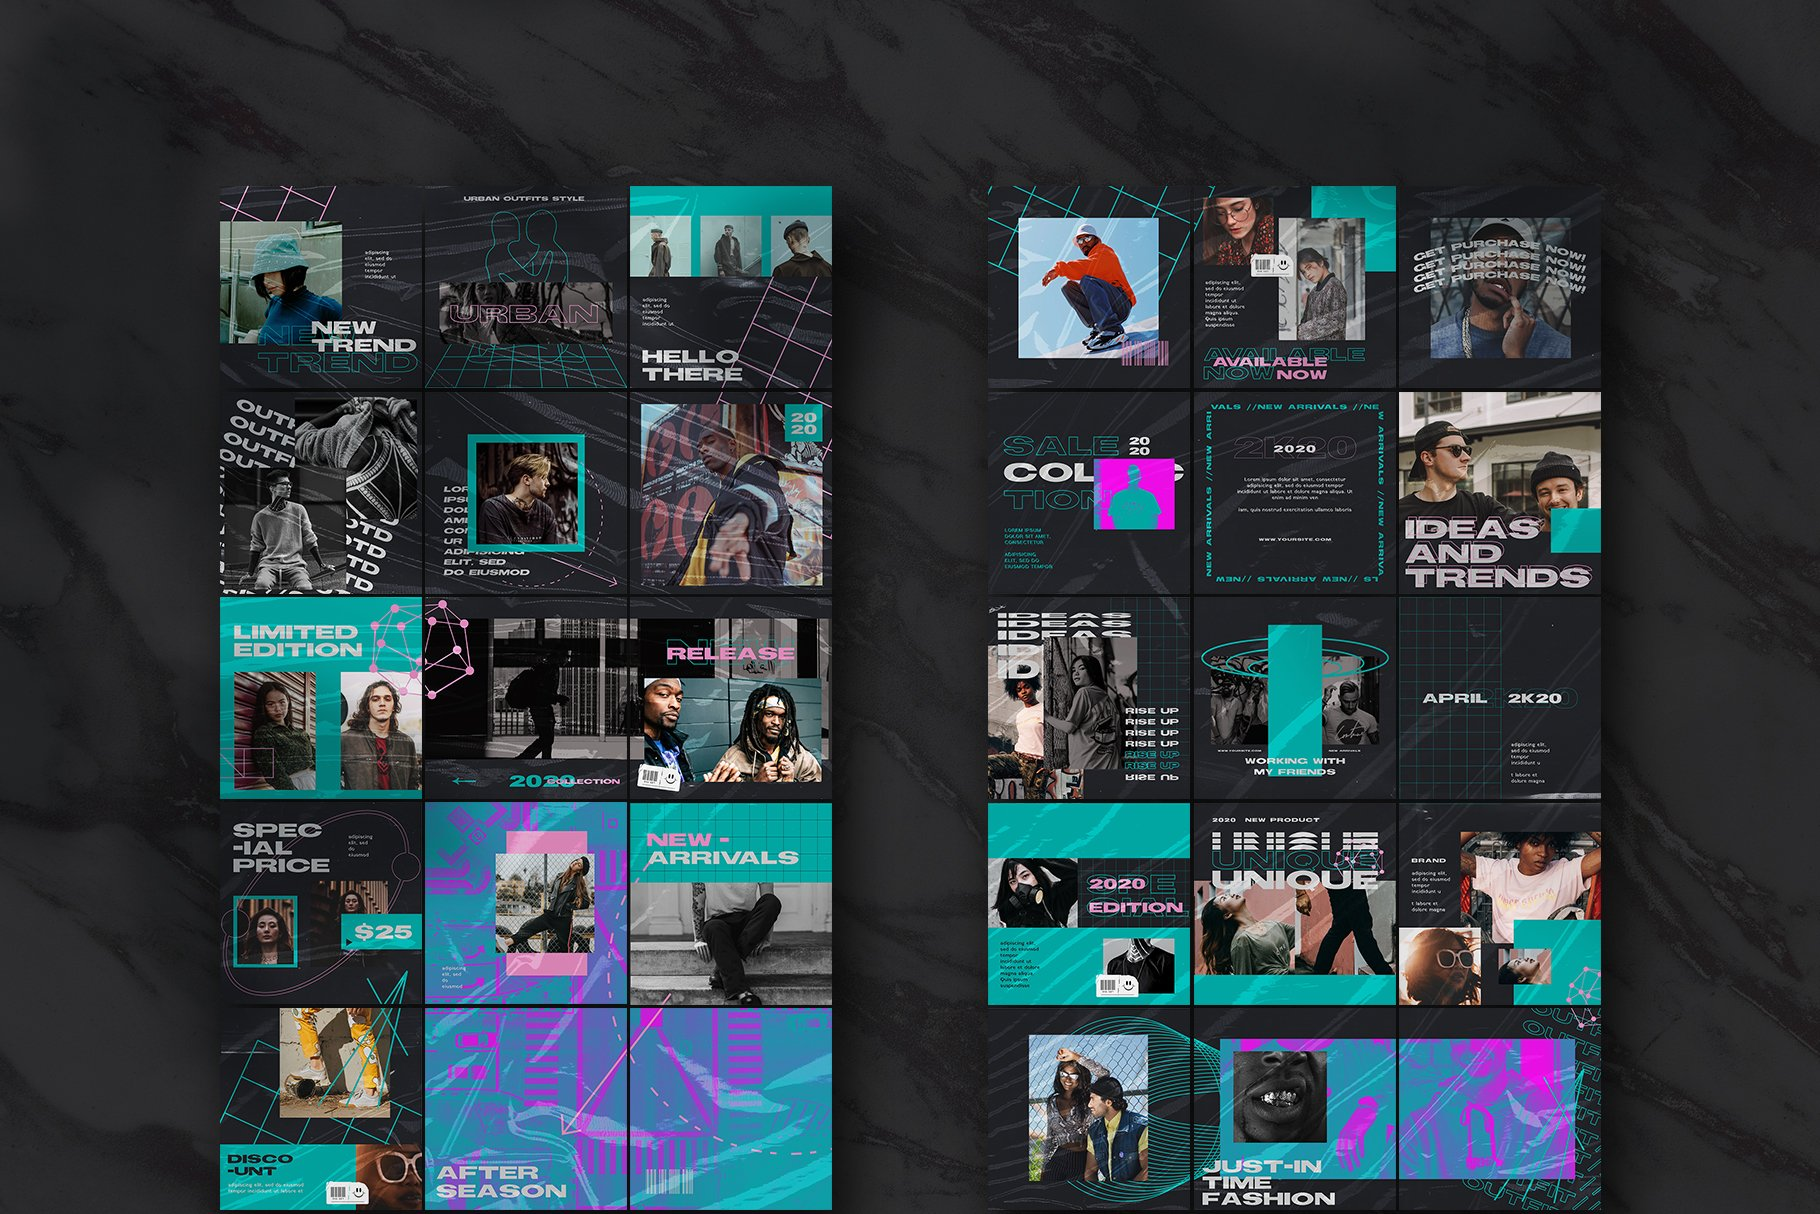 潮流品牌推广新媒体海报设计模板 Gumond Puzzle Instagram Feed插图(1)